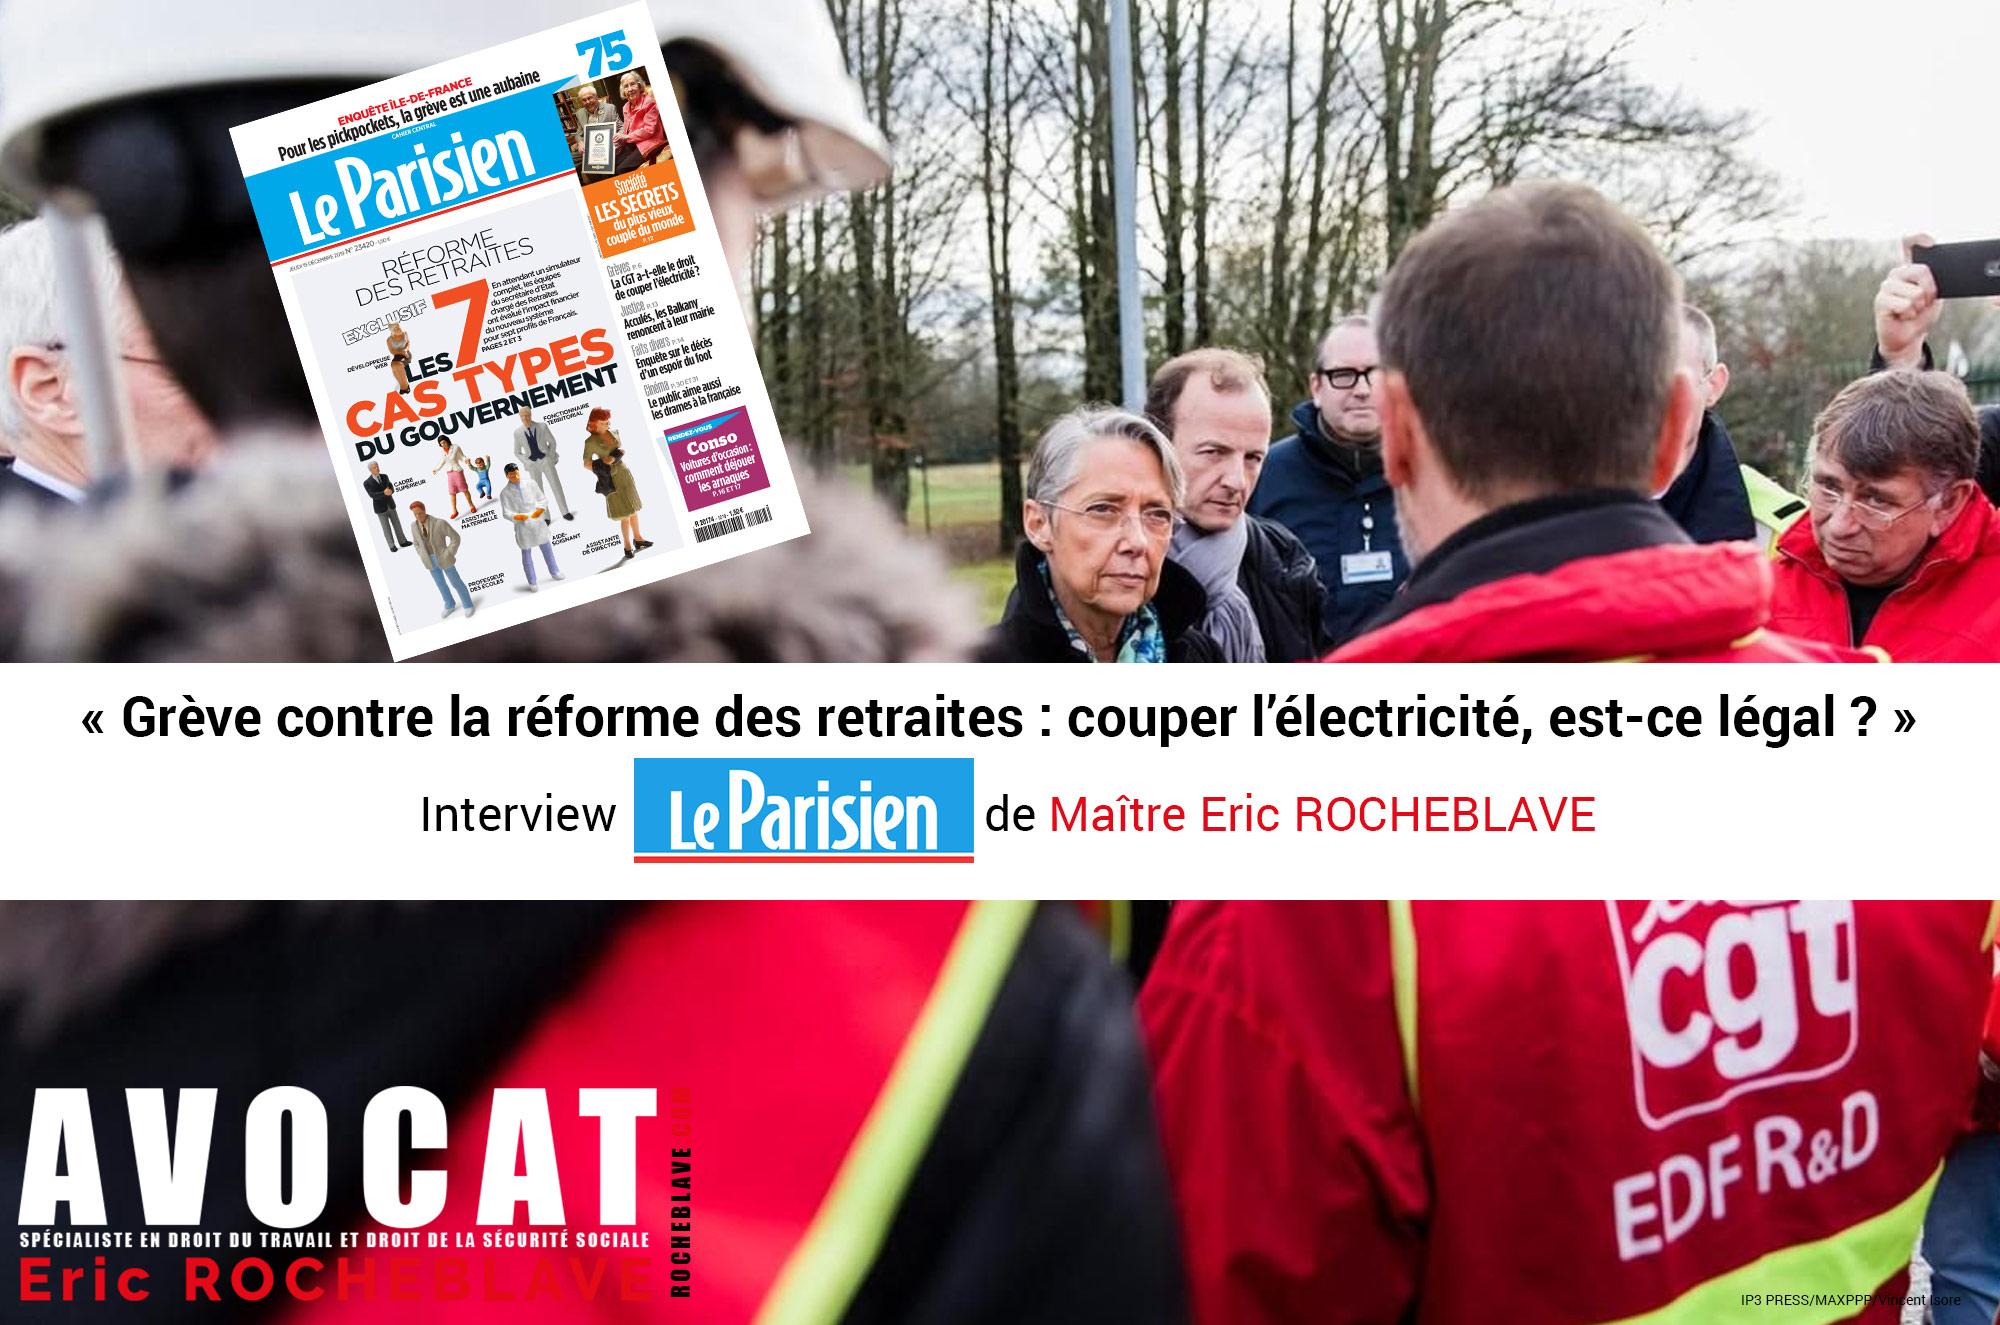 « Grève contre la réforme des retraites : couper l'électricité, est-ce légal ? »  Interview LE PARISIEN de Maître Eric ROCHEBLAVE